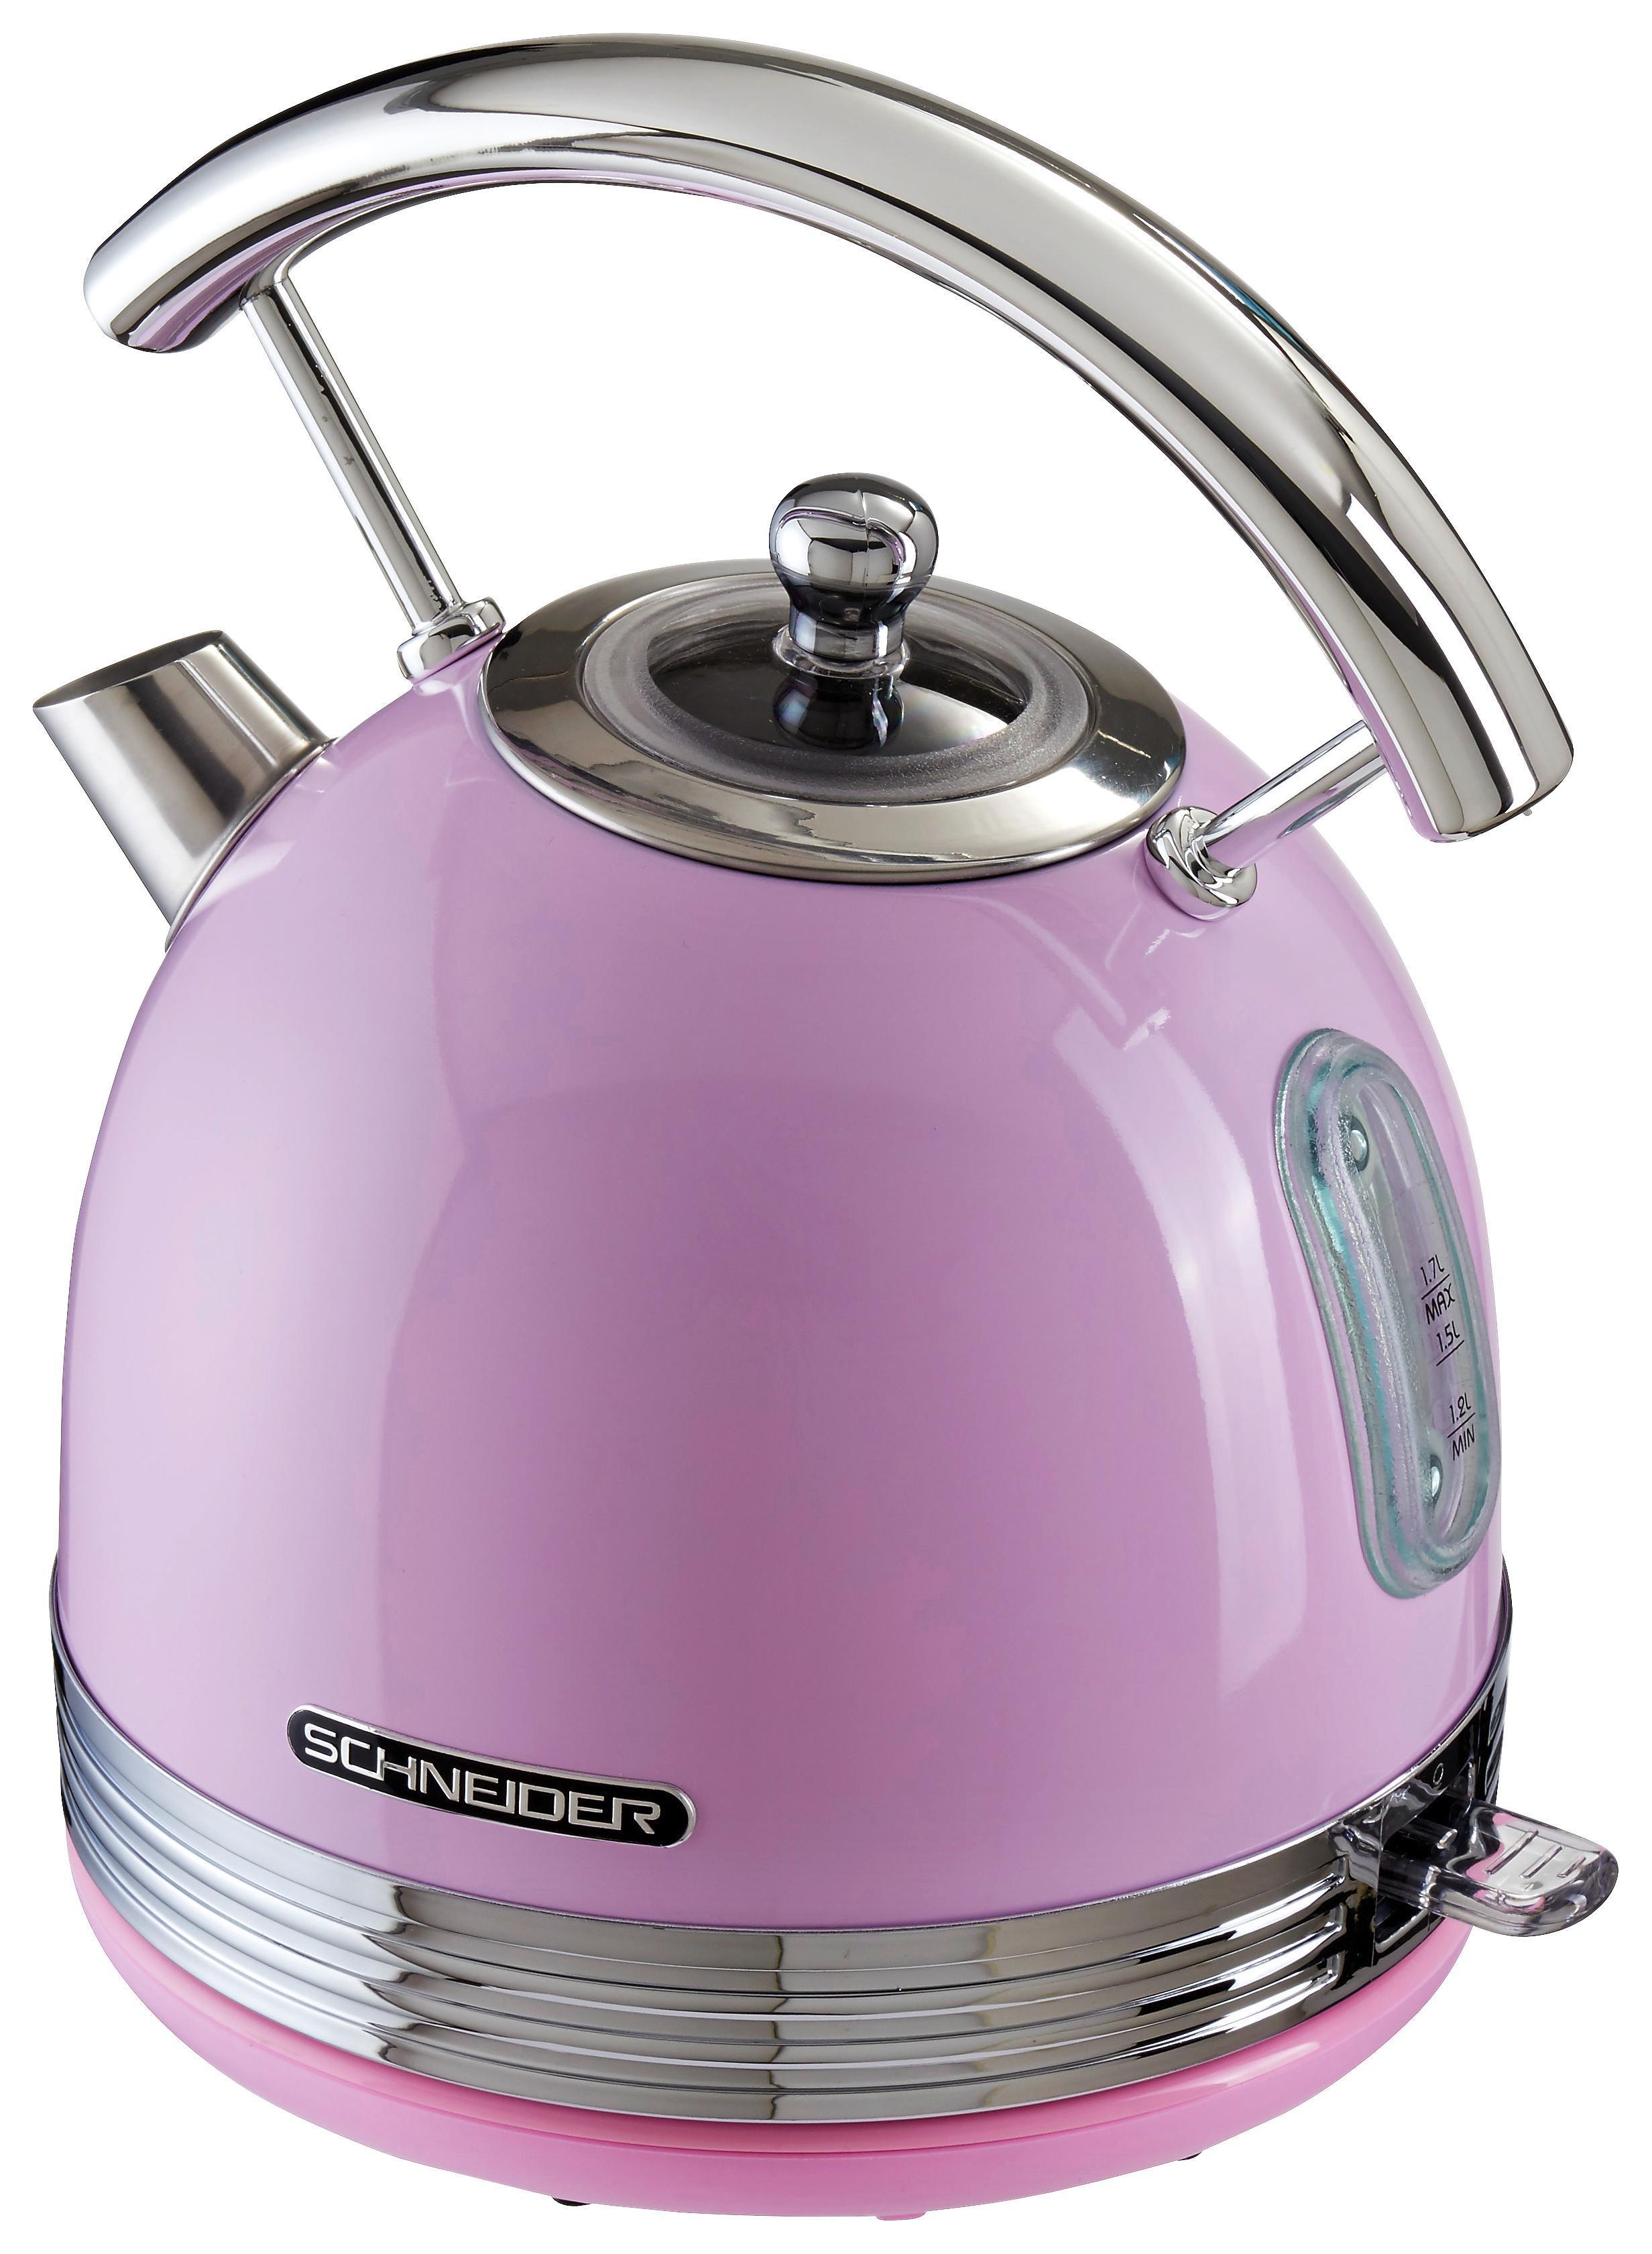 SCHNEIDER Mikrowelle mit Grill pink 23 Liter 1000 Watt Retro